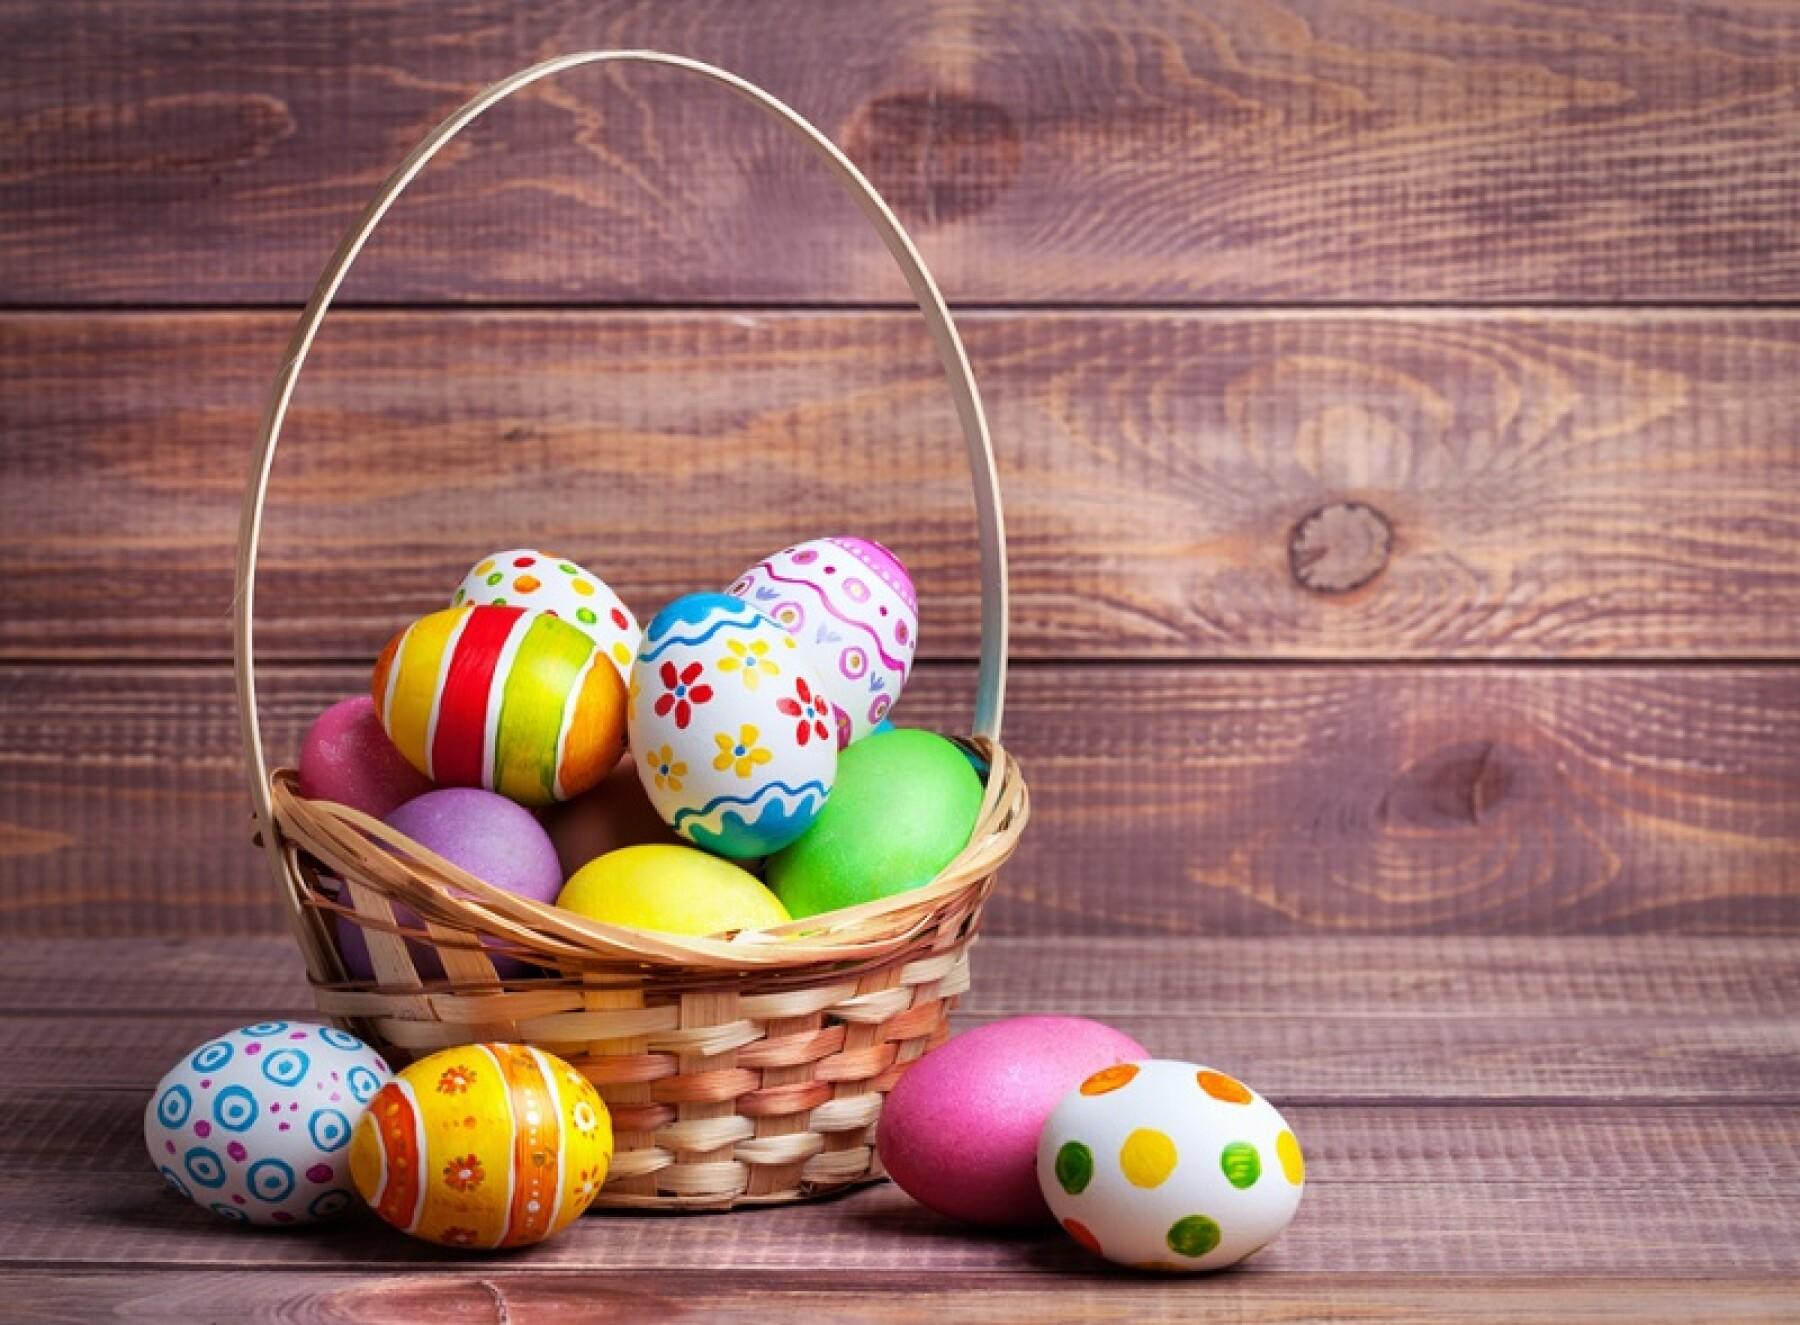 dessiner cloches de Pâques